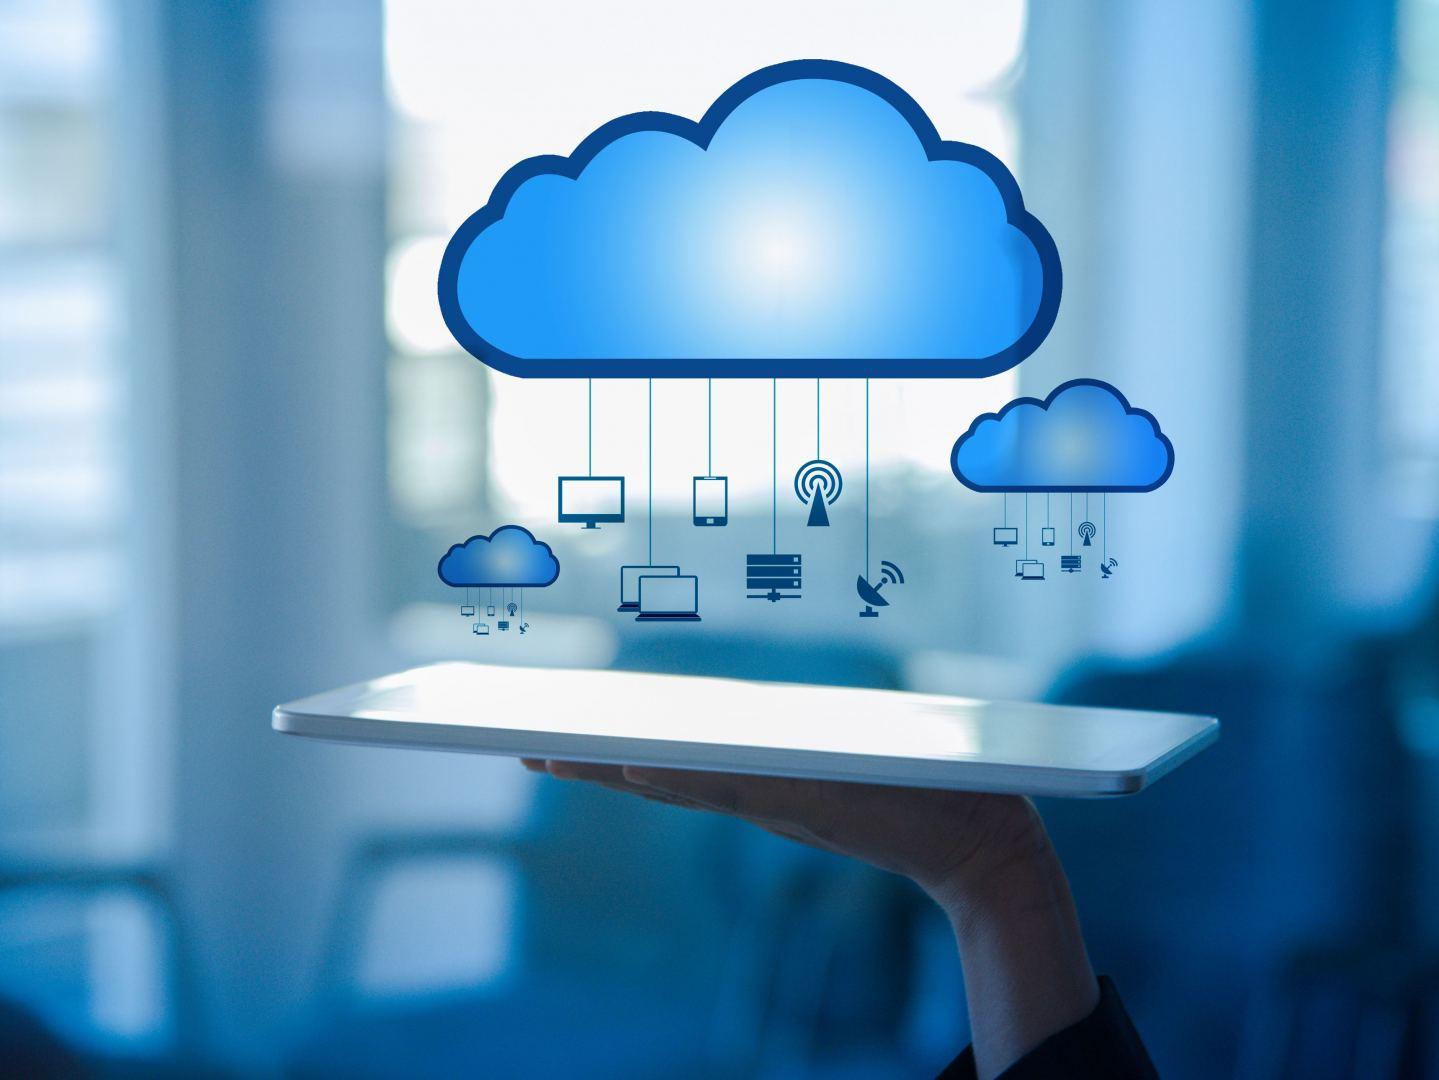 Перевод инфраструктуры в «облака» является основной тенденцией информационных технологий в мире